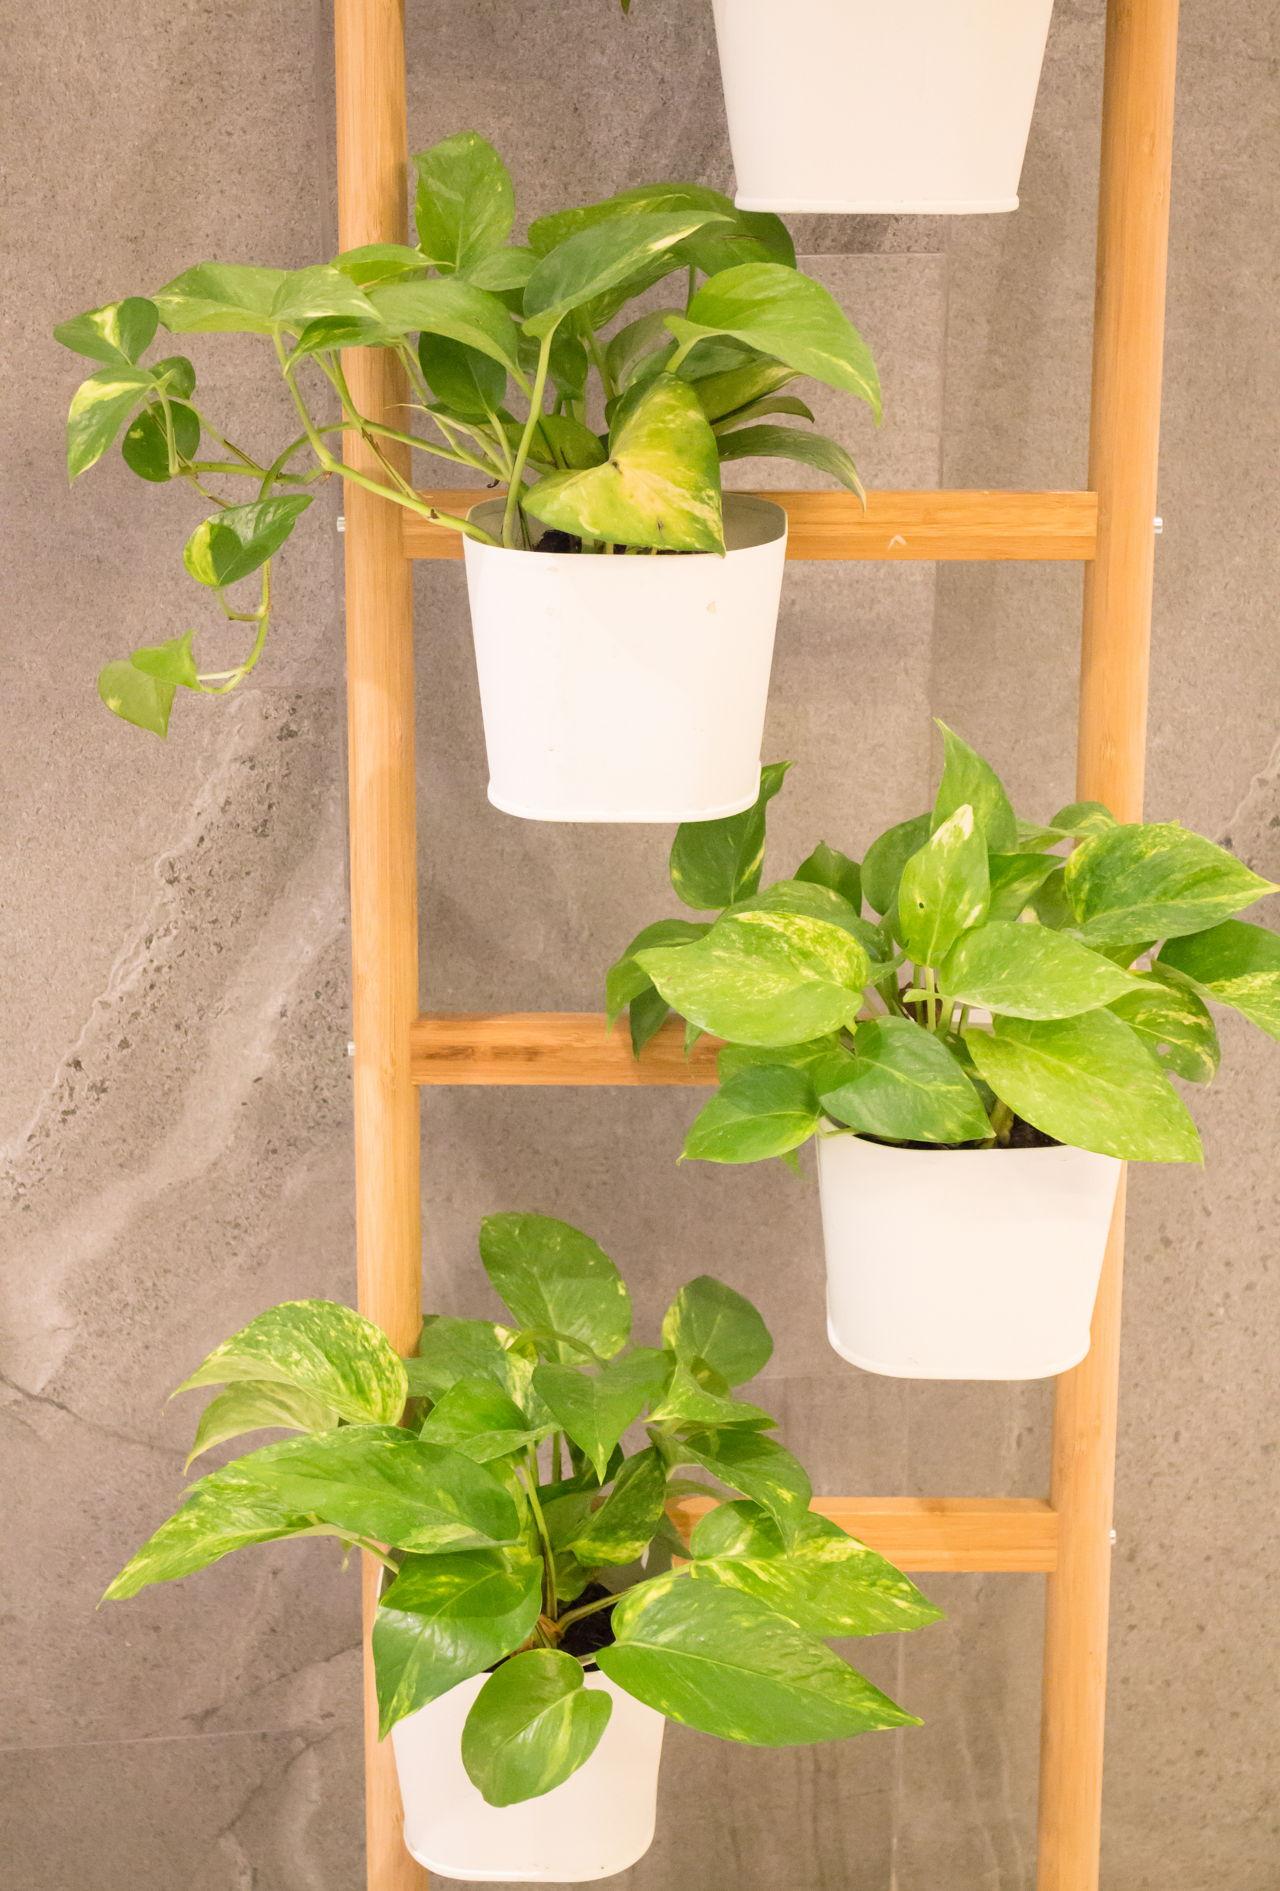 Flowering Plants Vs Non Flowering Plants